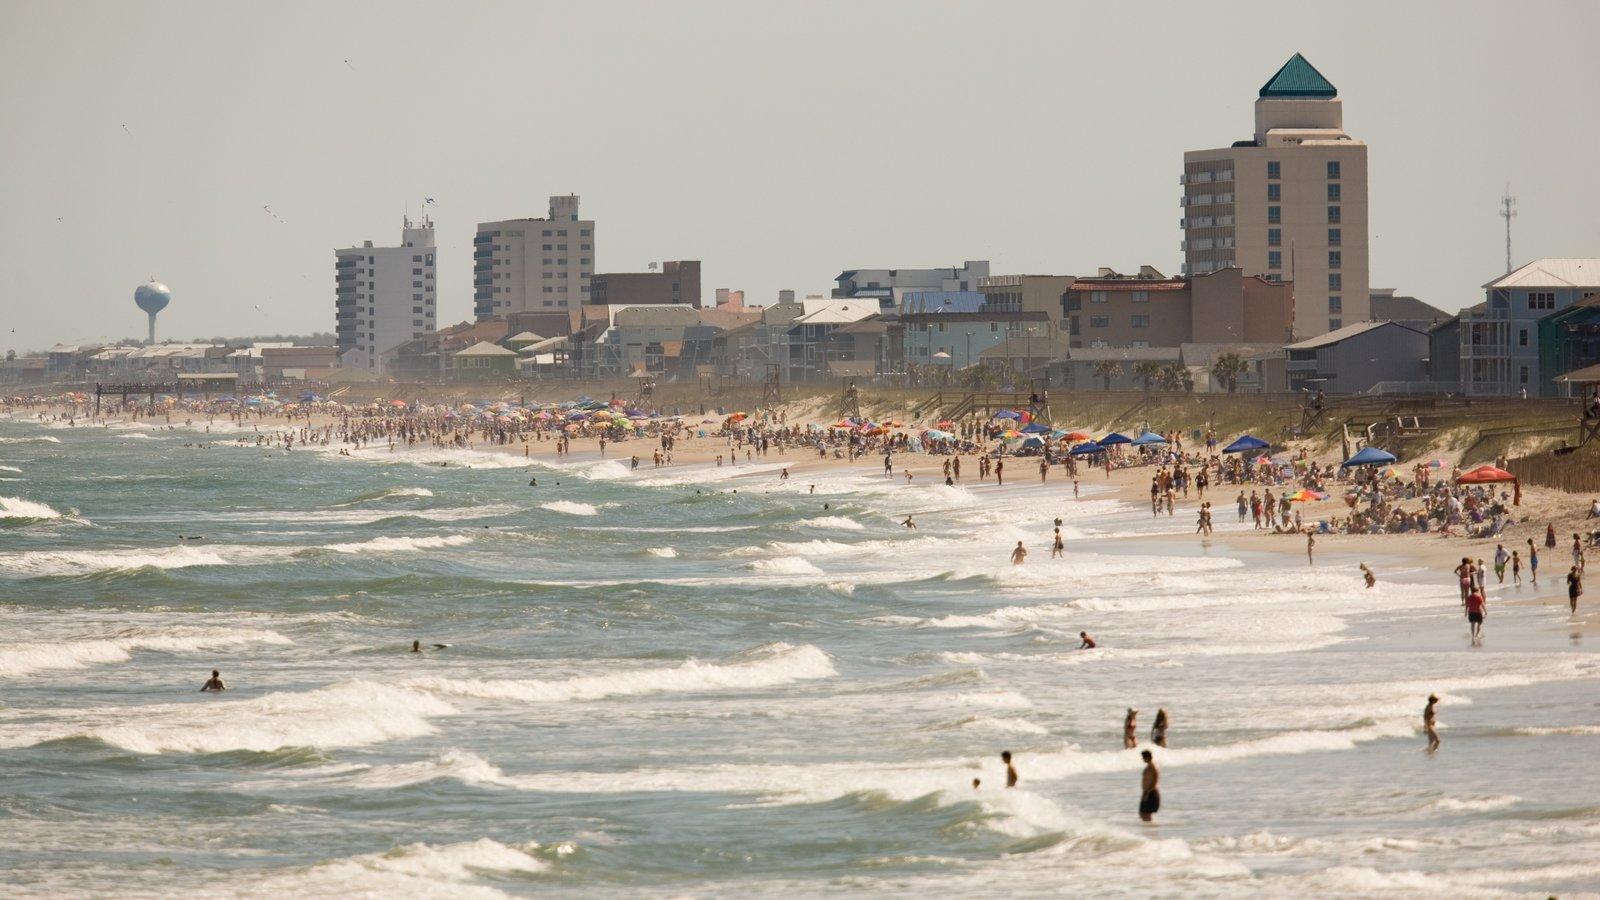 Carolina Beach which includes a beach, surf and a coastal town